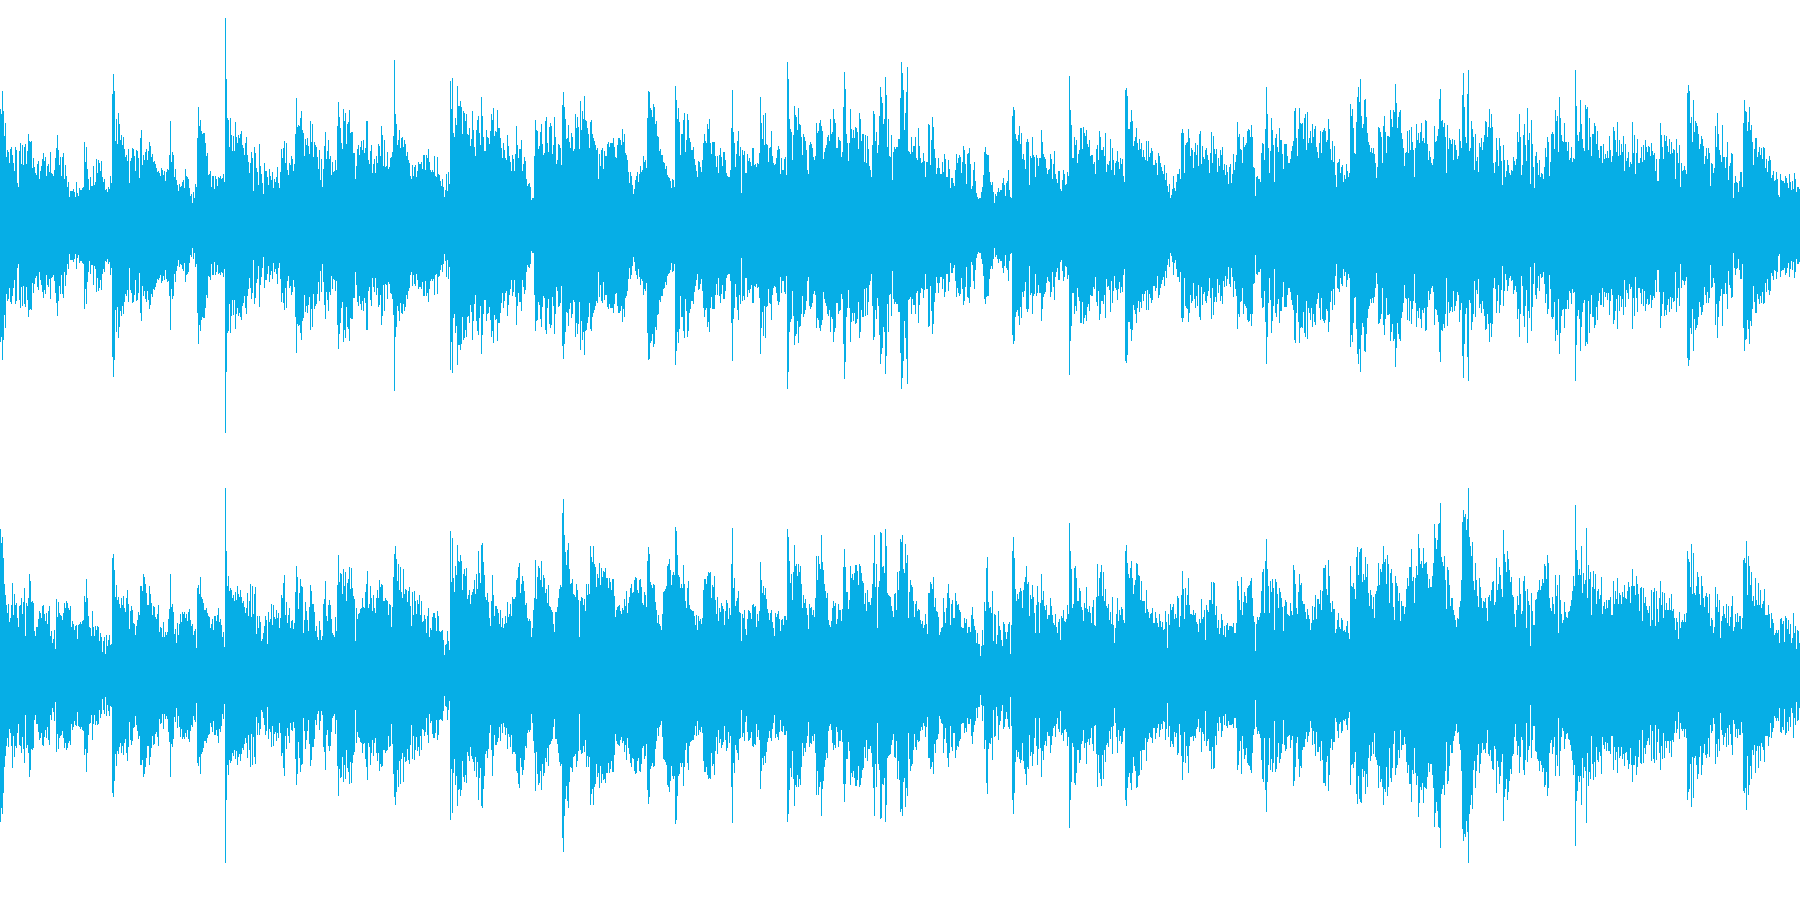 和風のジングル(ループ仕様)2の再生済みの波形